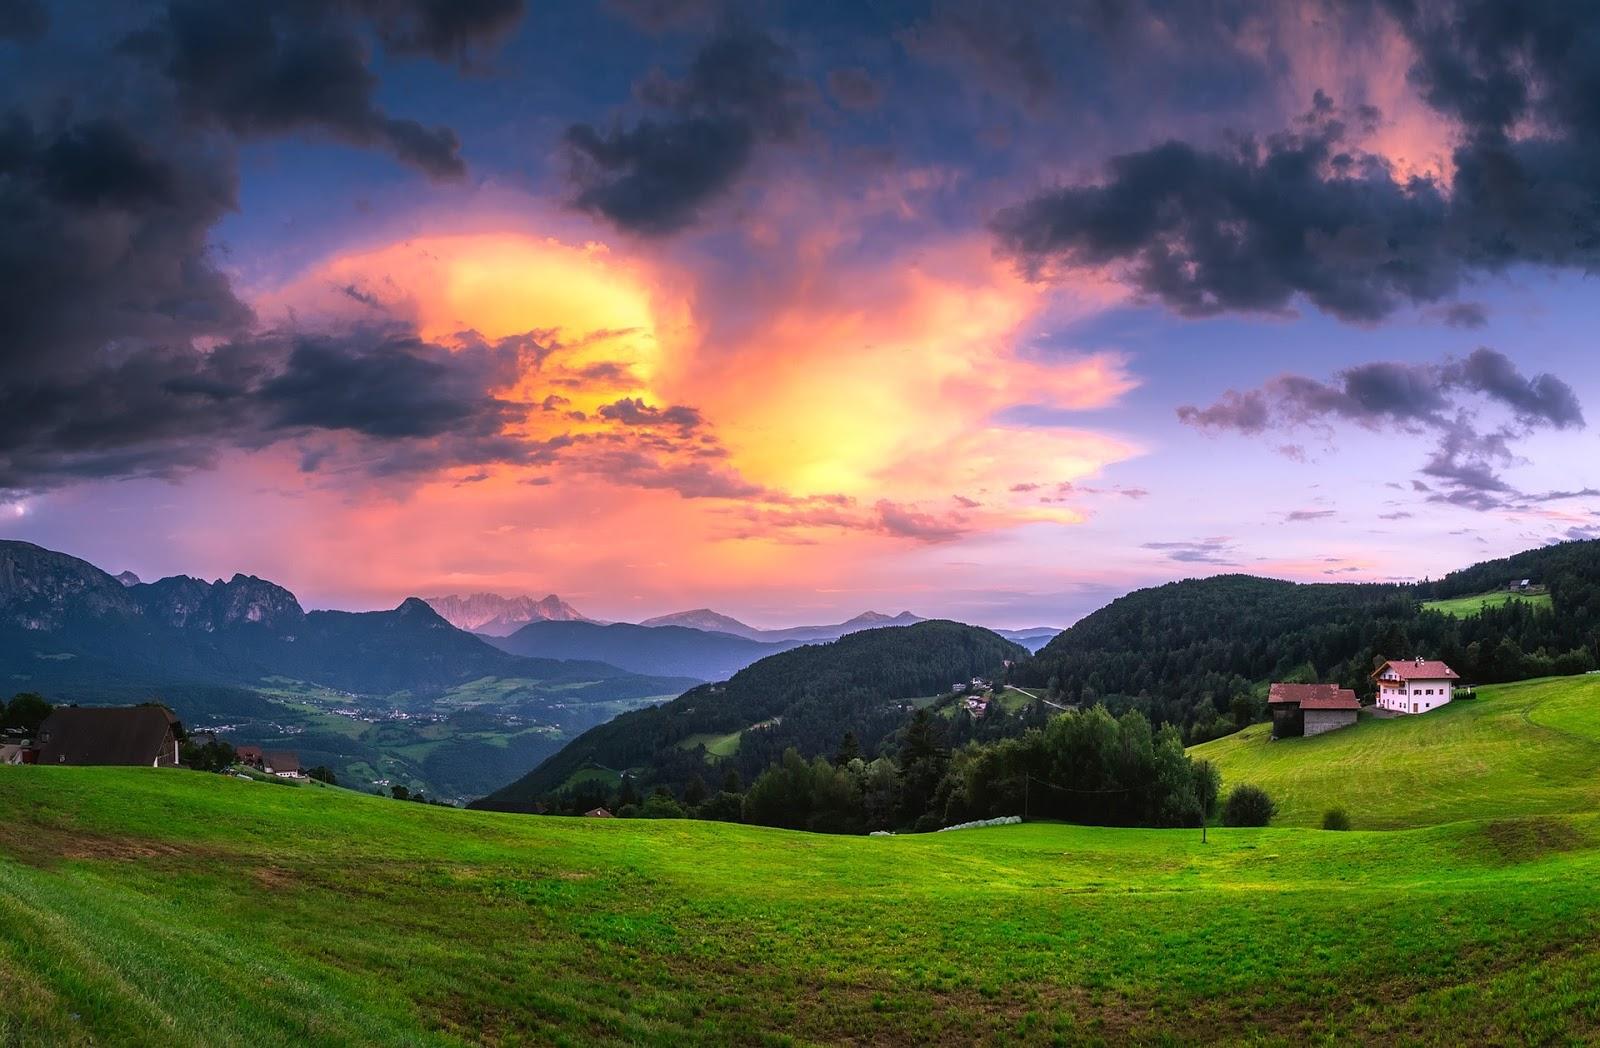 870 Koleksi Gambar Pemandangan Alam Asli Terbaik